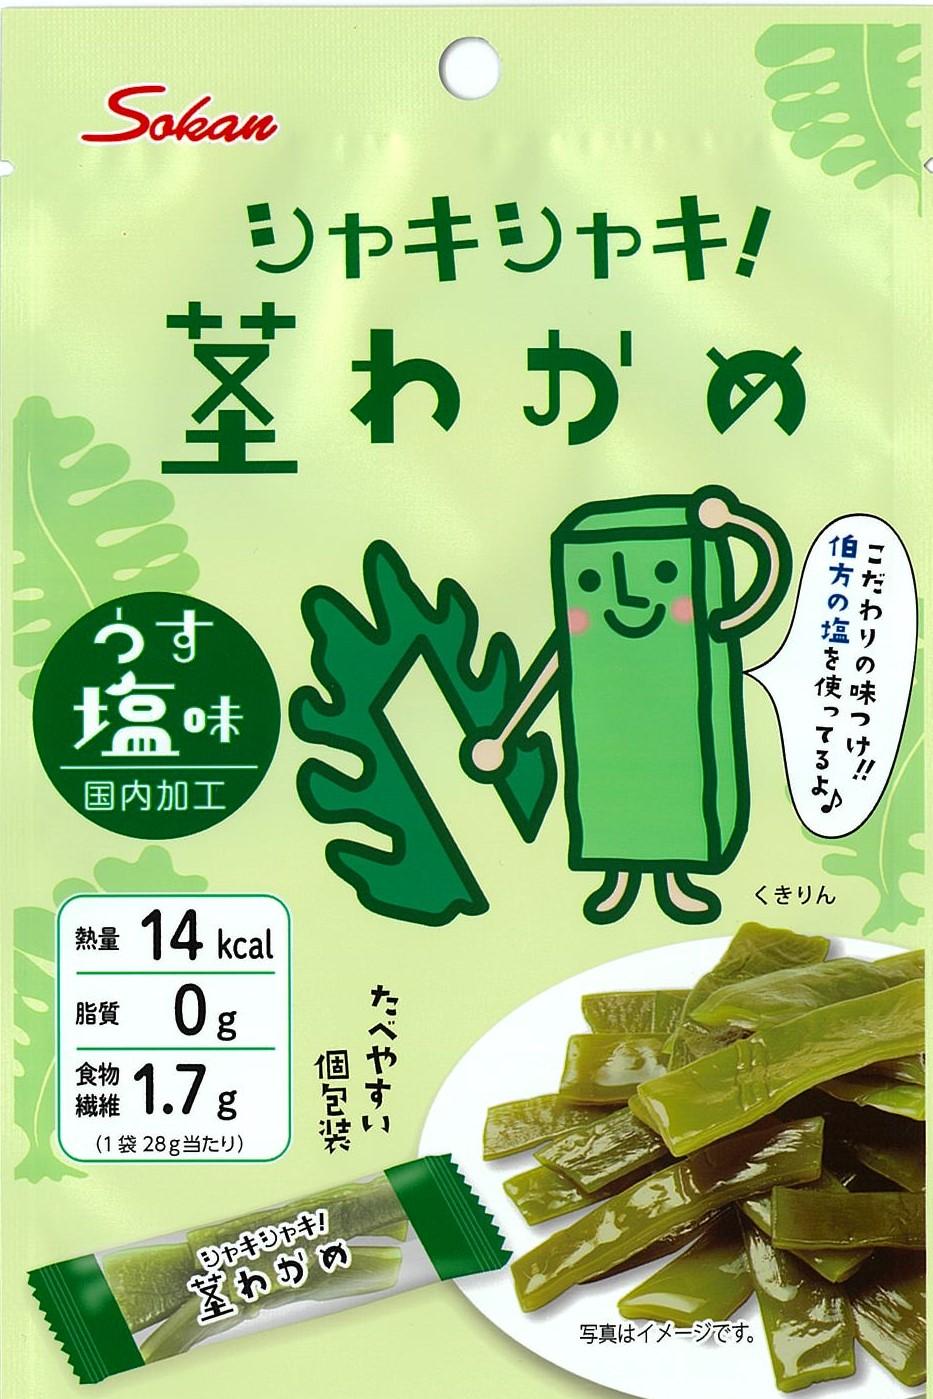 Kuki wakame